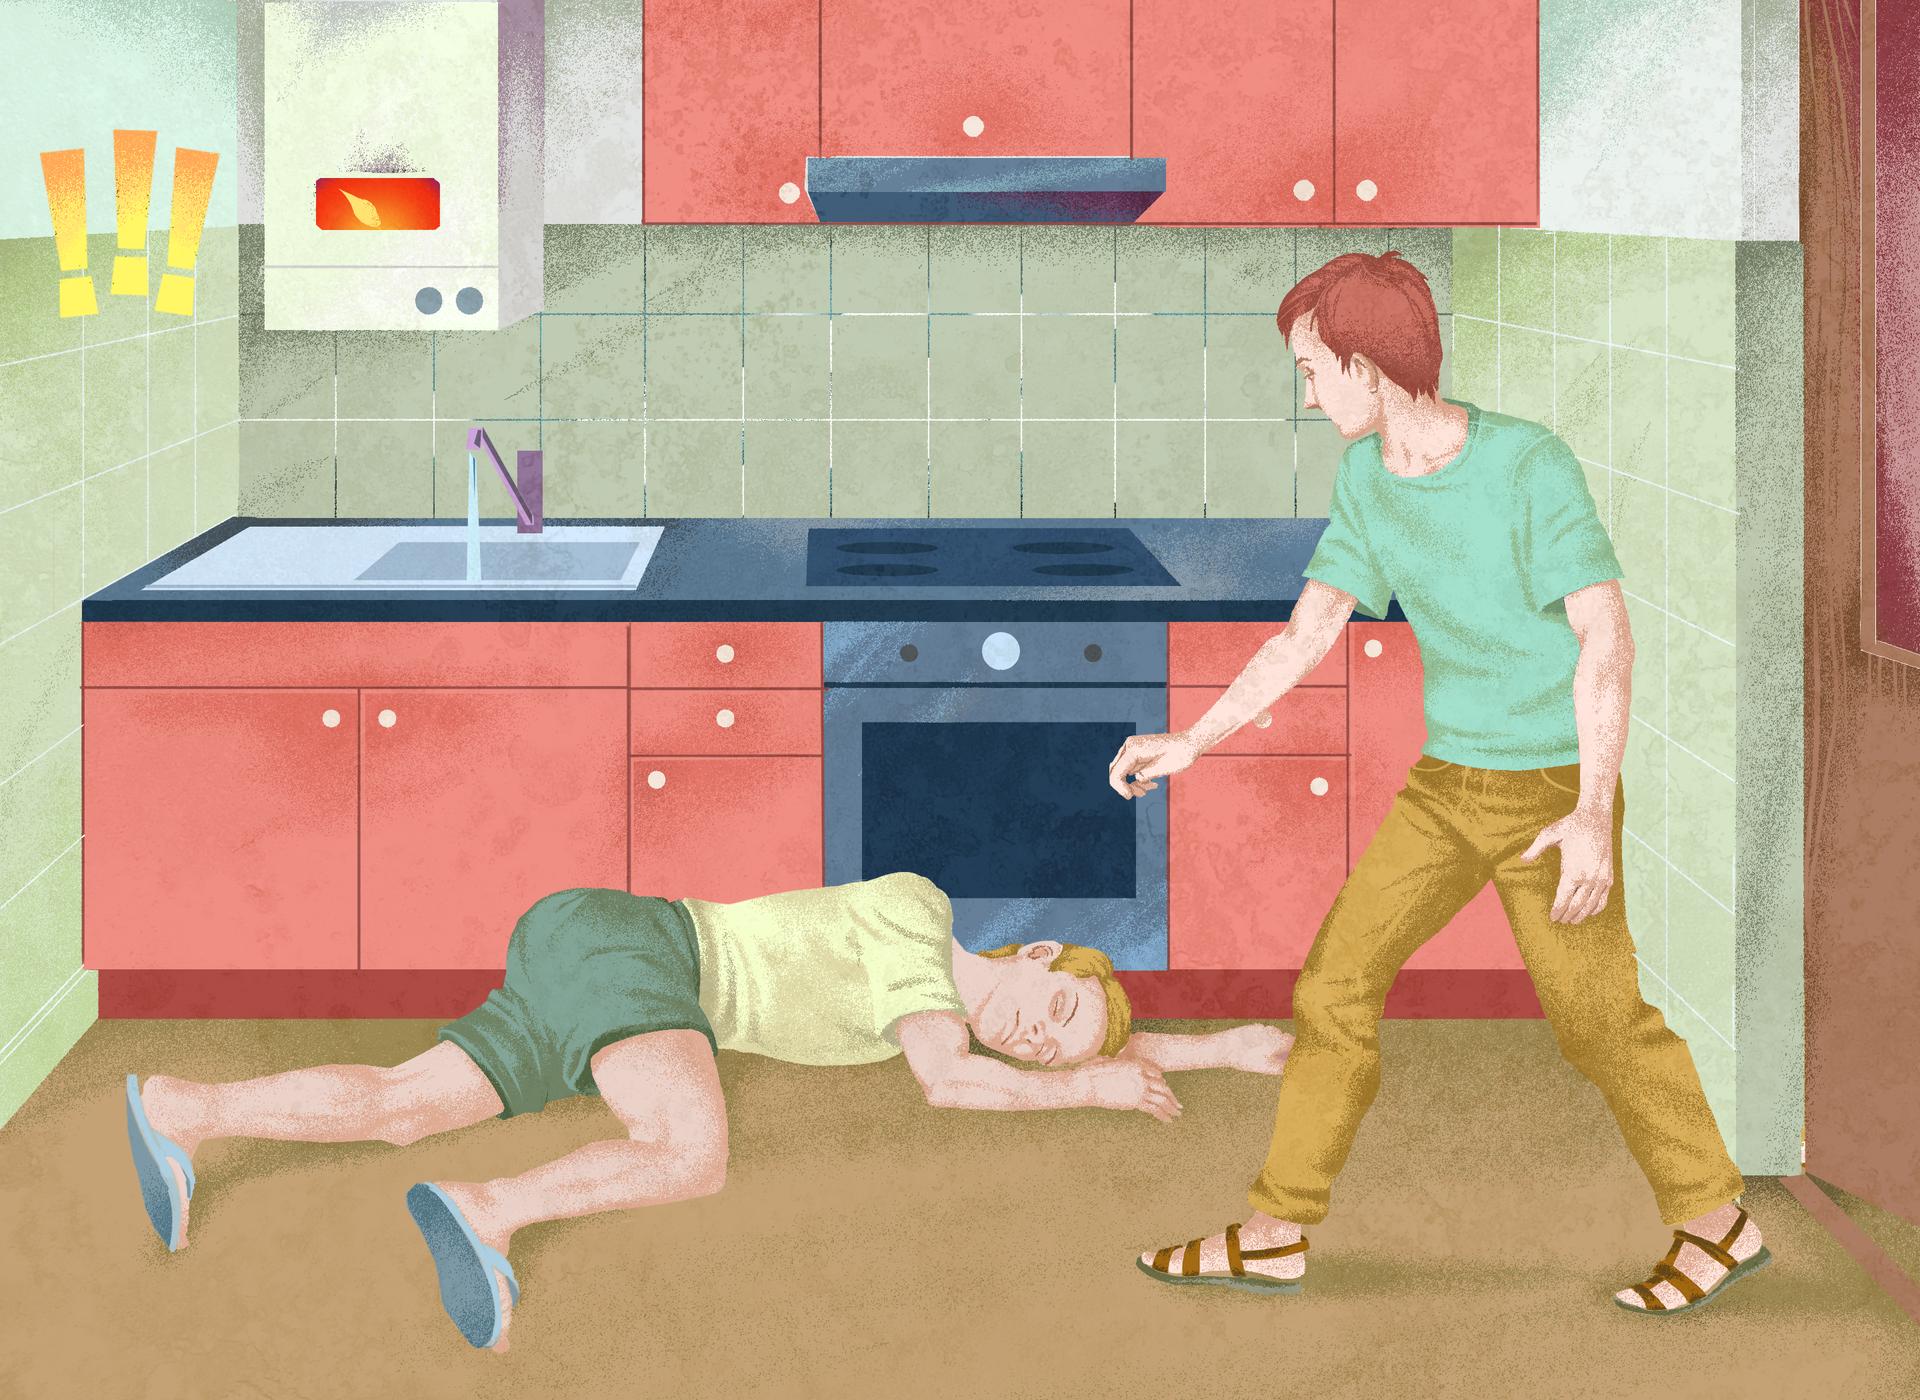 Ilustracja 2: Ilustracja przedstawia próbę udzielania pierwszej pomocy wkuchni. Na podłodze wkuchni leży nieprzytomny mężczyzna. Za mężczyzną, wzdłuż ściany, meble kuchenne. Głowa mężczyzny skierowana wstronę mebli kuchennych. Na ścianie, po lewej stronie, zawieszony bojler. Wotworze palący się płomień. Na lewo od bojlera trzy żółte wykrzykniki. Po prawej stronie ilustracji drugi mężczyzna wchodzący do kuchni.